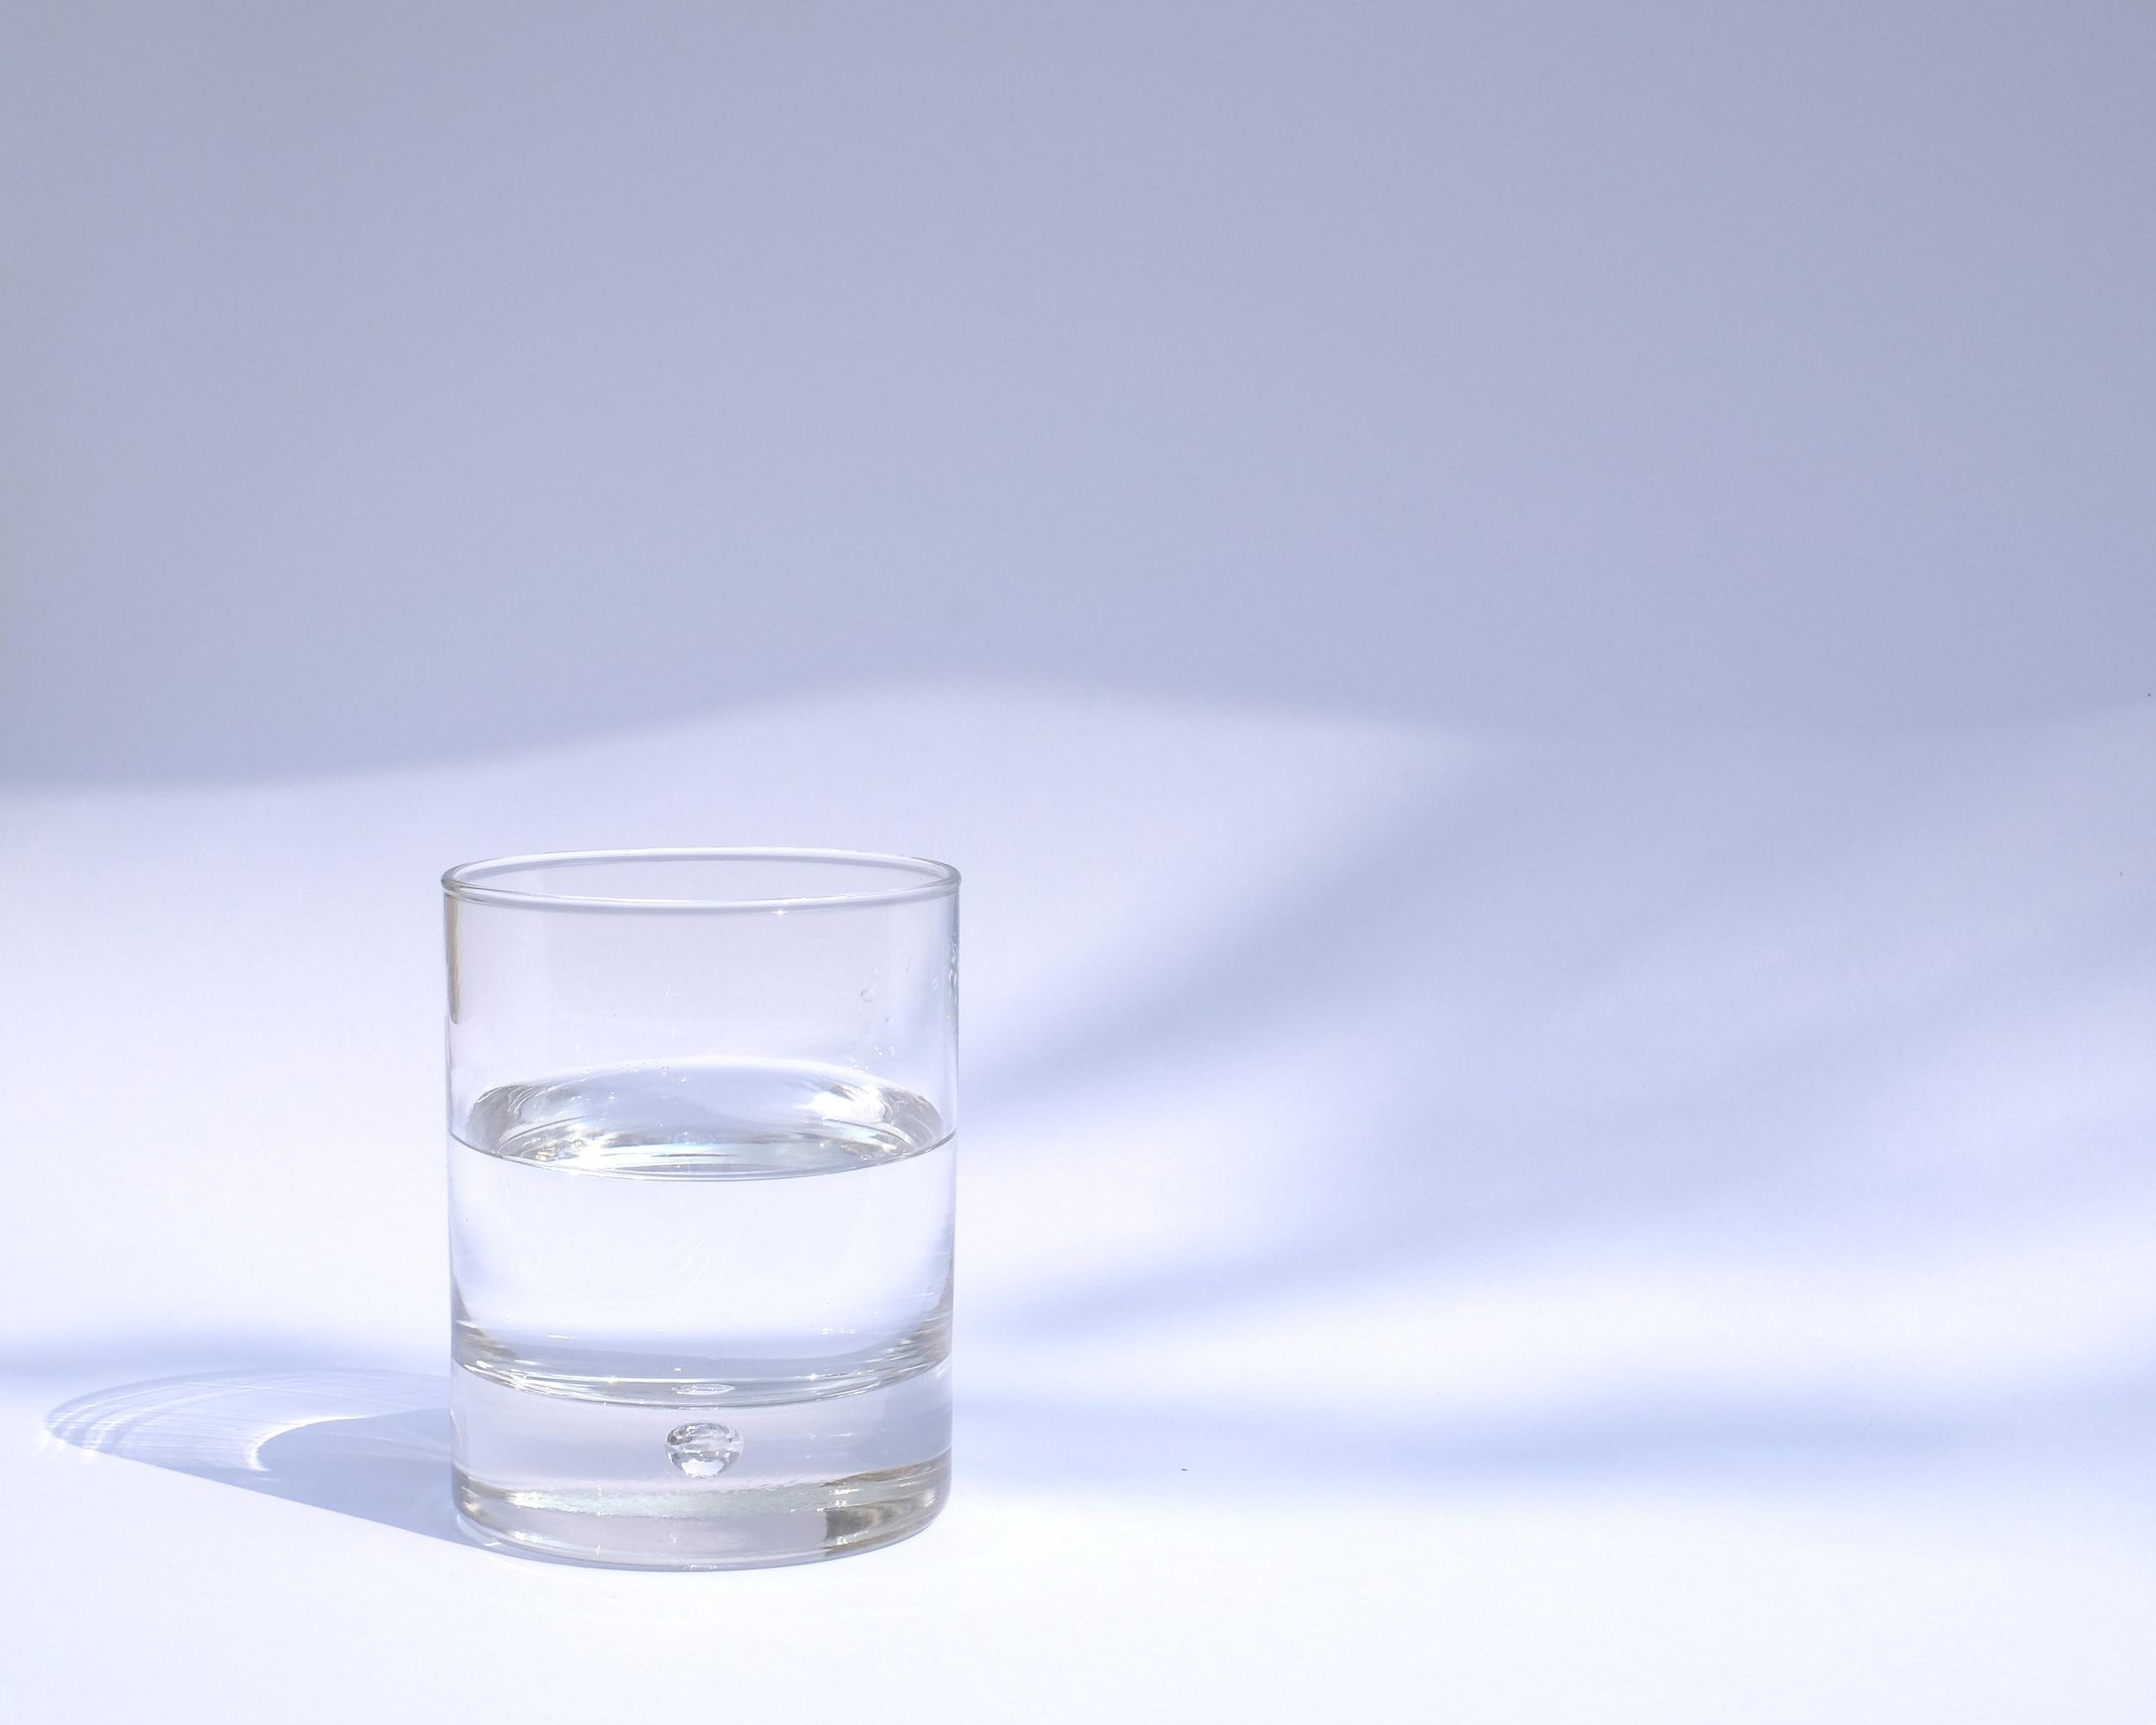 PITTA - RUOKA - Kiinnitä huomiota maksaan. Vältä kofeiinia, alkoholia ja pikaruokaa. Liian maustetut ja happamat elintarvikkeet eivät sovi pittalle ja lisäävät lämpöä tuliseen doshaasi.Juo paljon vettä. Erityisesti lämmin vesi puhdistaa kehon.